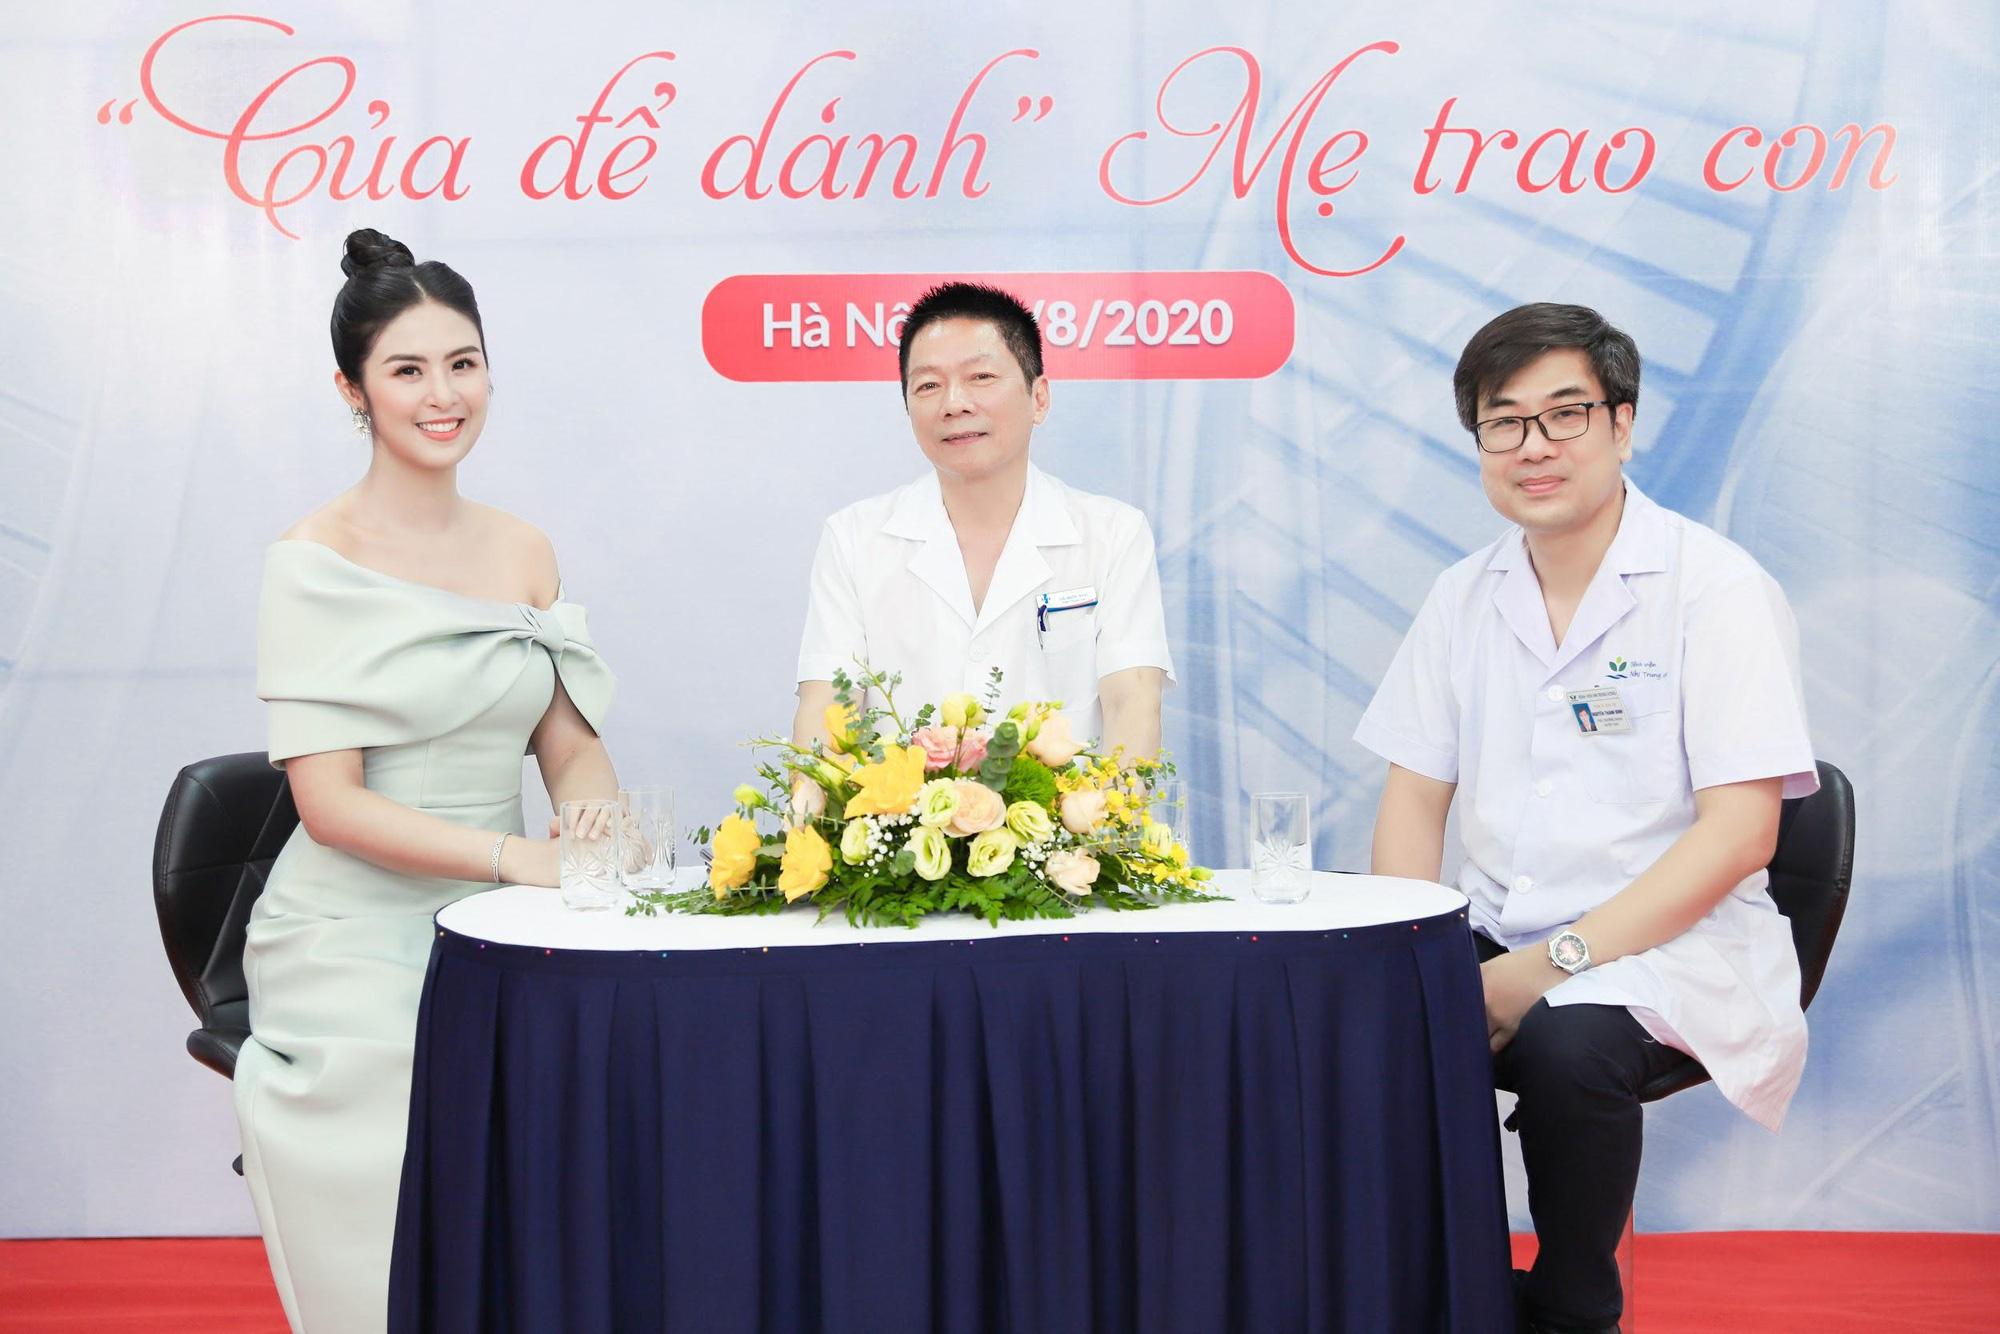 HOT: Hoa hậu Ngọc Hân lần đầu hé lộ về dự định kết hôn và sinh con - Ảnh 2.